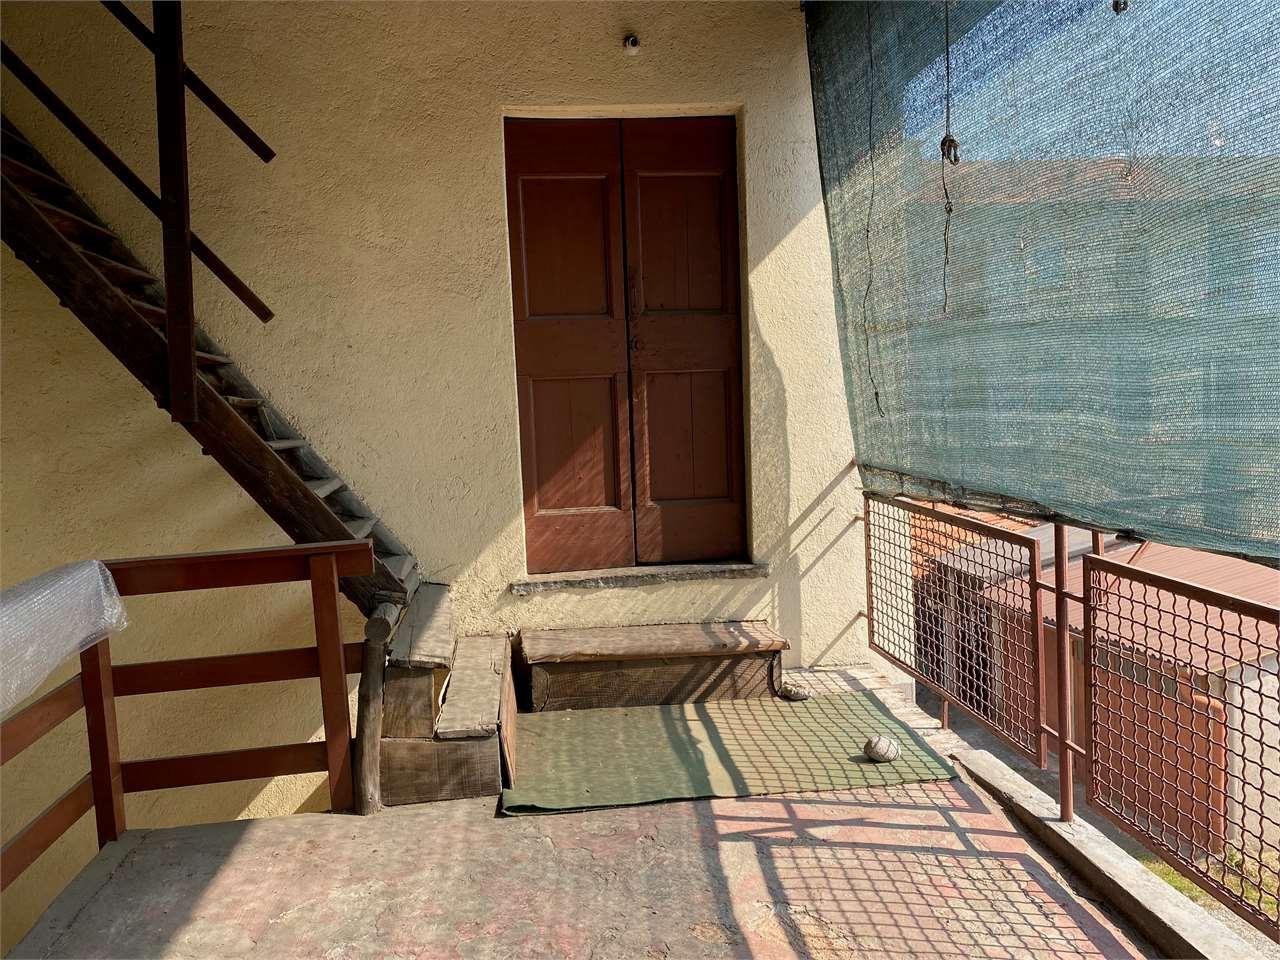 Appartamento in vendita a Fino Mornasco, 4 locali, prezzo € 75.000 | CambioCasa.it